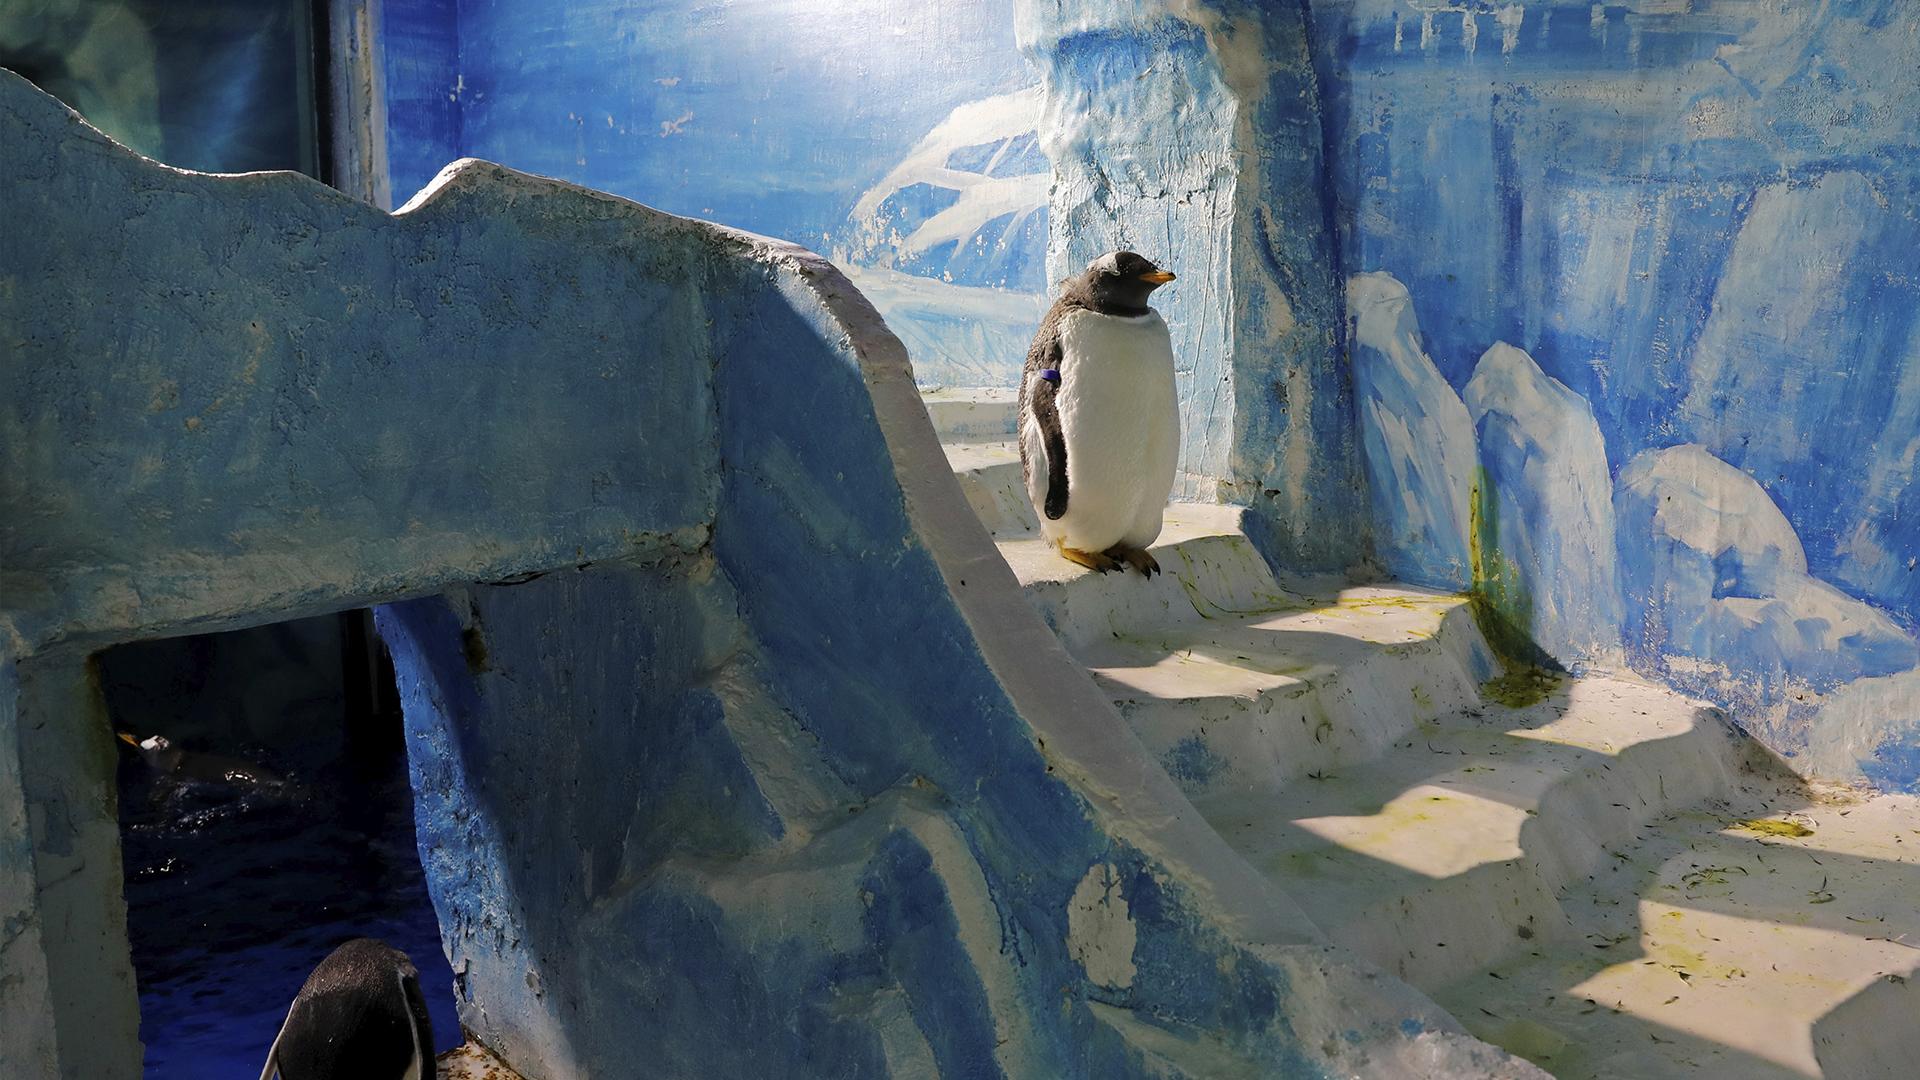 Un pingüino en la entrada de una estructura de hielo en Harbin